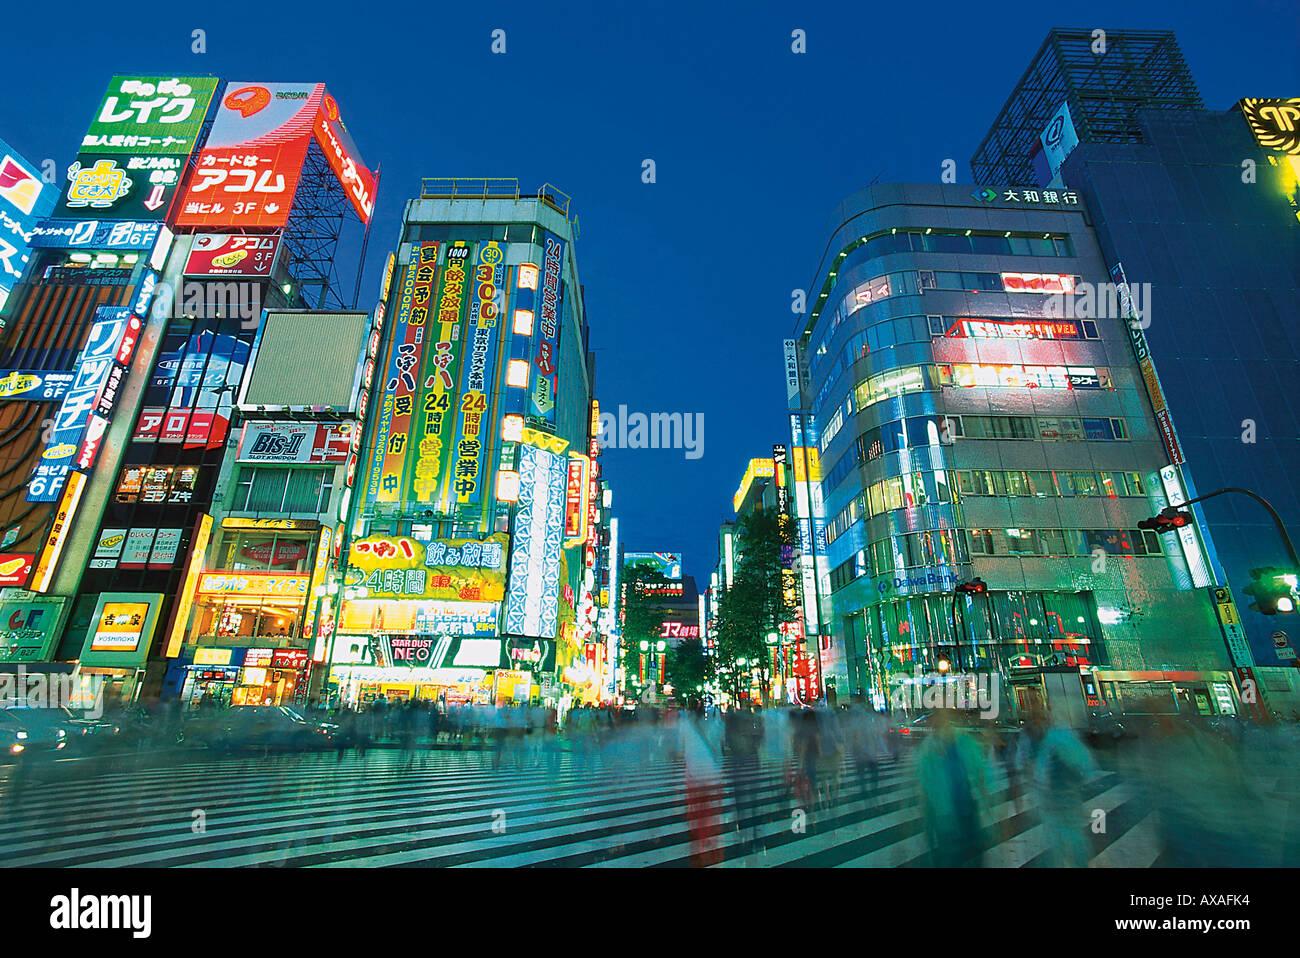 Strassenszene, Leuchtreklame, Tokio Japan - Stock Image